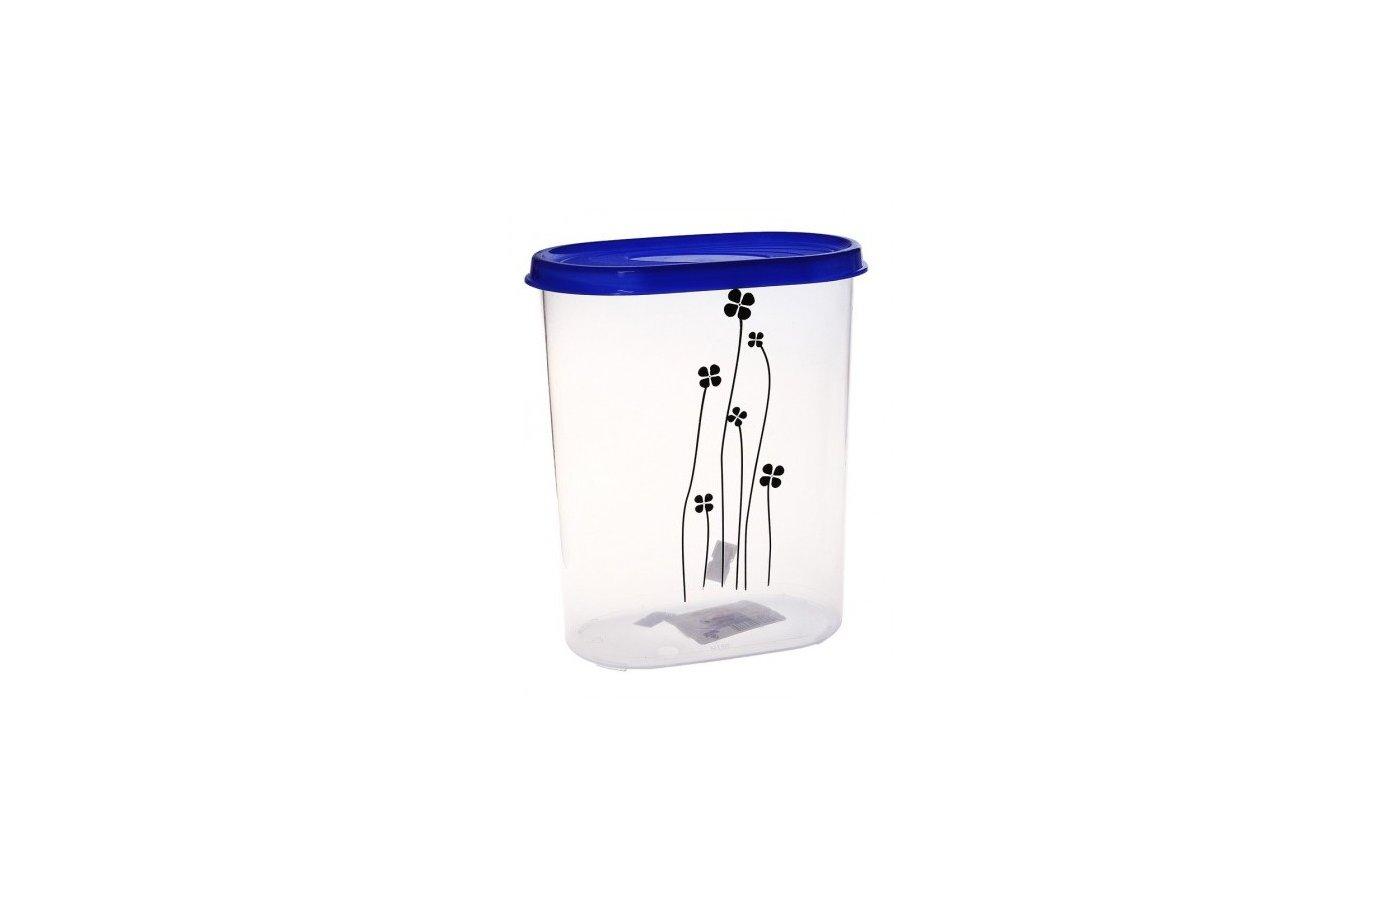 контейнеры для продуктов Plastic Centre ПЦ3312 Банка для сыпучих продуктов Galaxy 2.4л